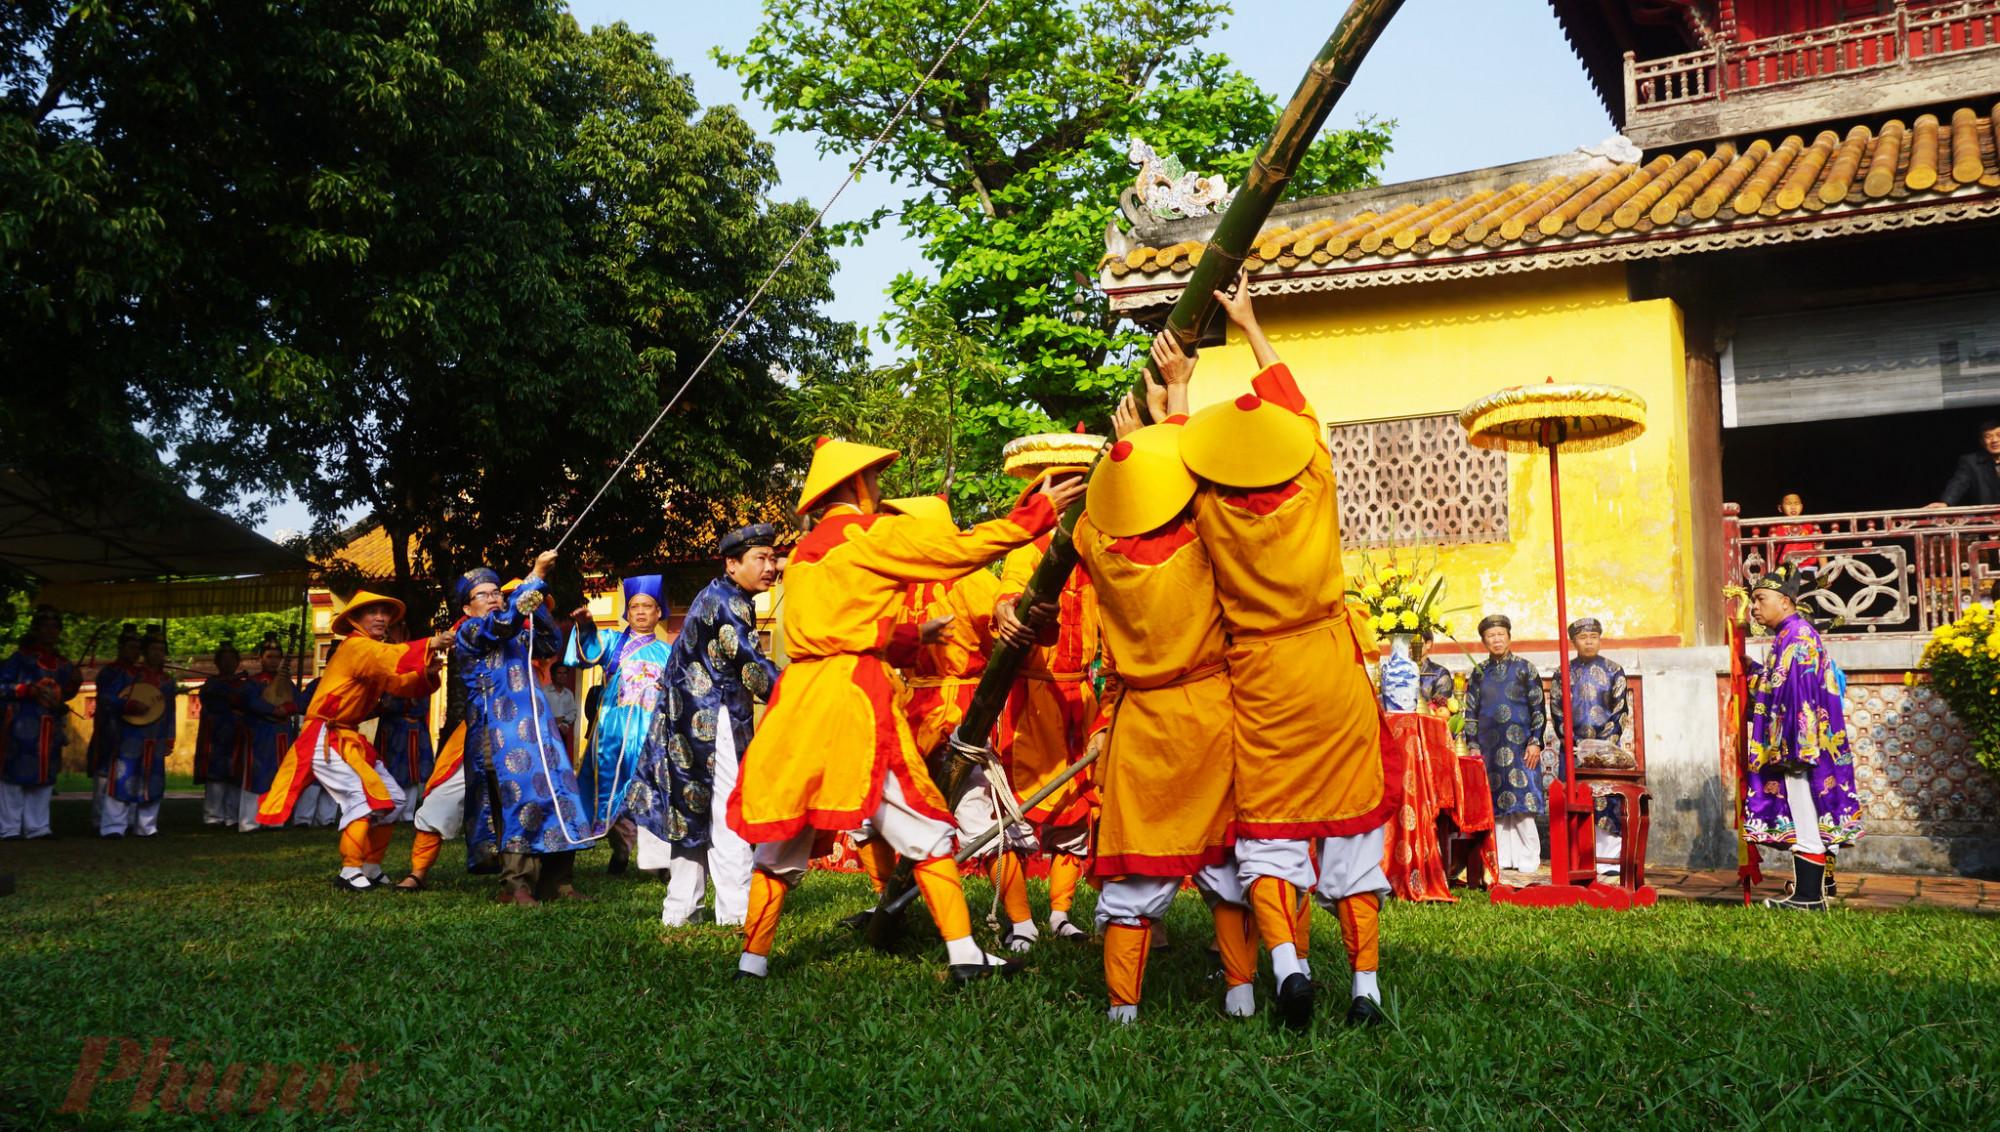 Lễ Hạ Nêu, khai ấn tại Hoàng cung triều Nguyễn thời xưa được thực hiện để đánh dấu kỳ nghỉ tết đã kết thúc, chuẩn bị bước vào một năm làm việc mới